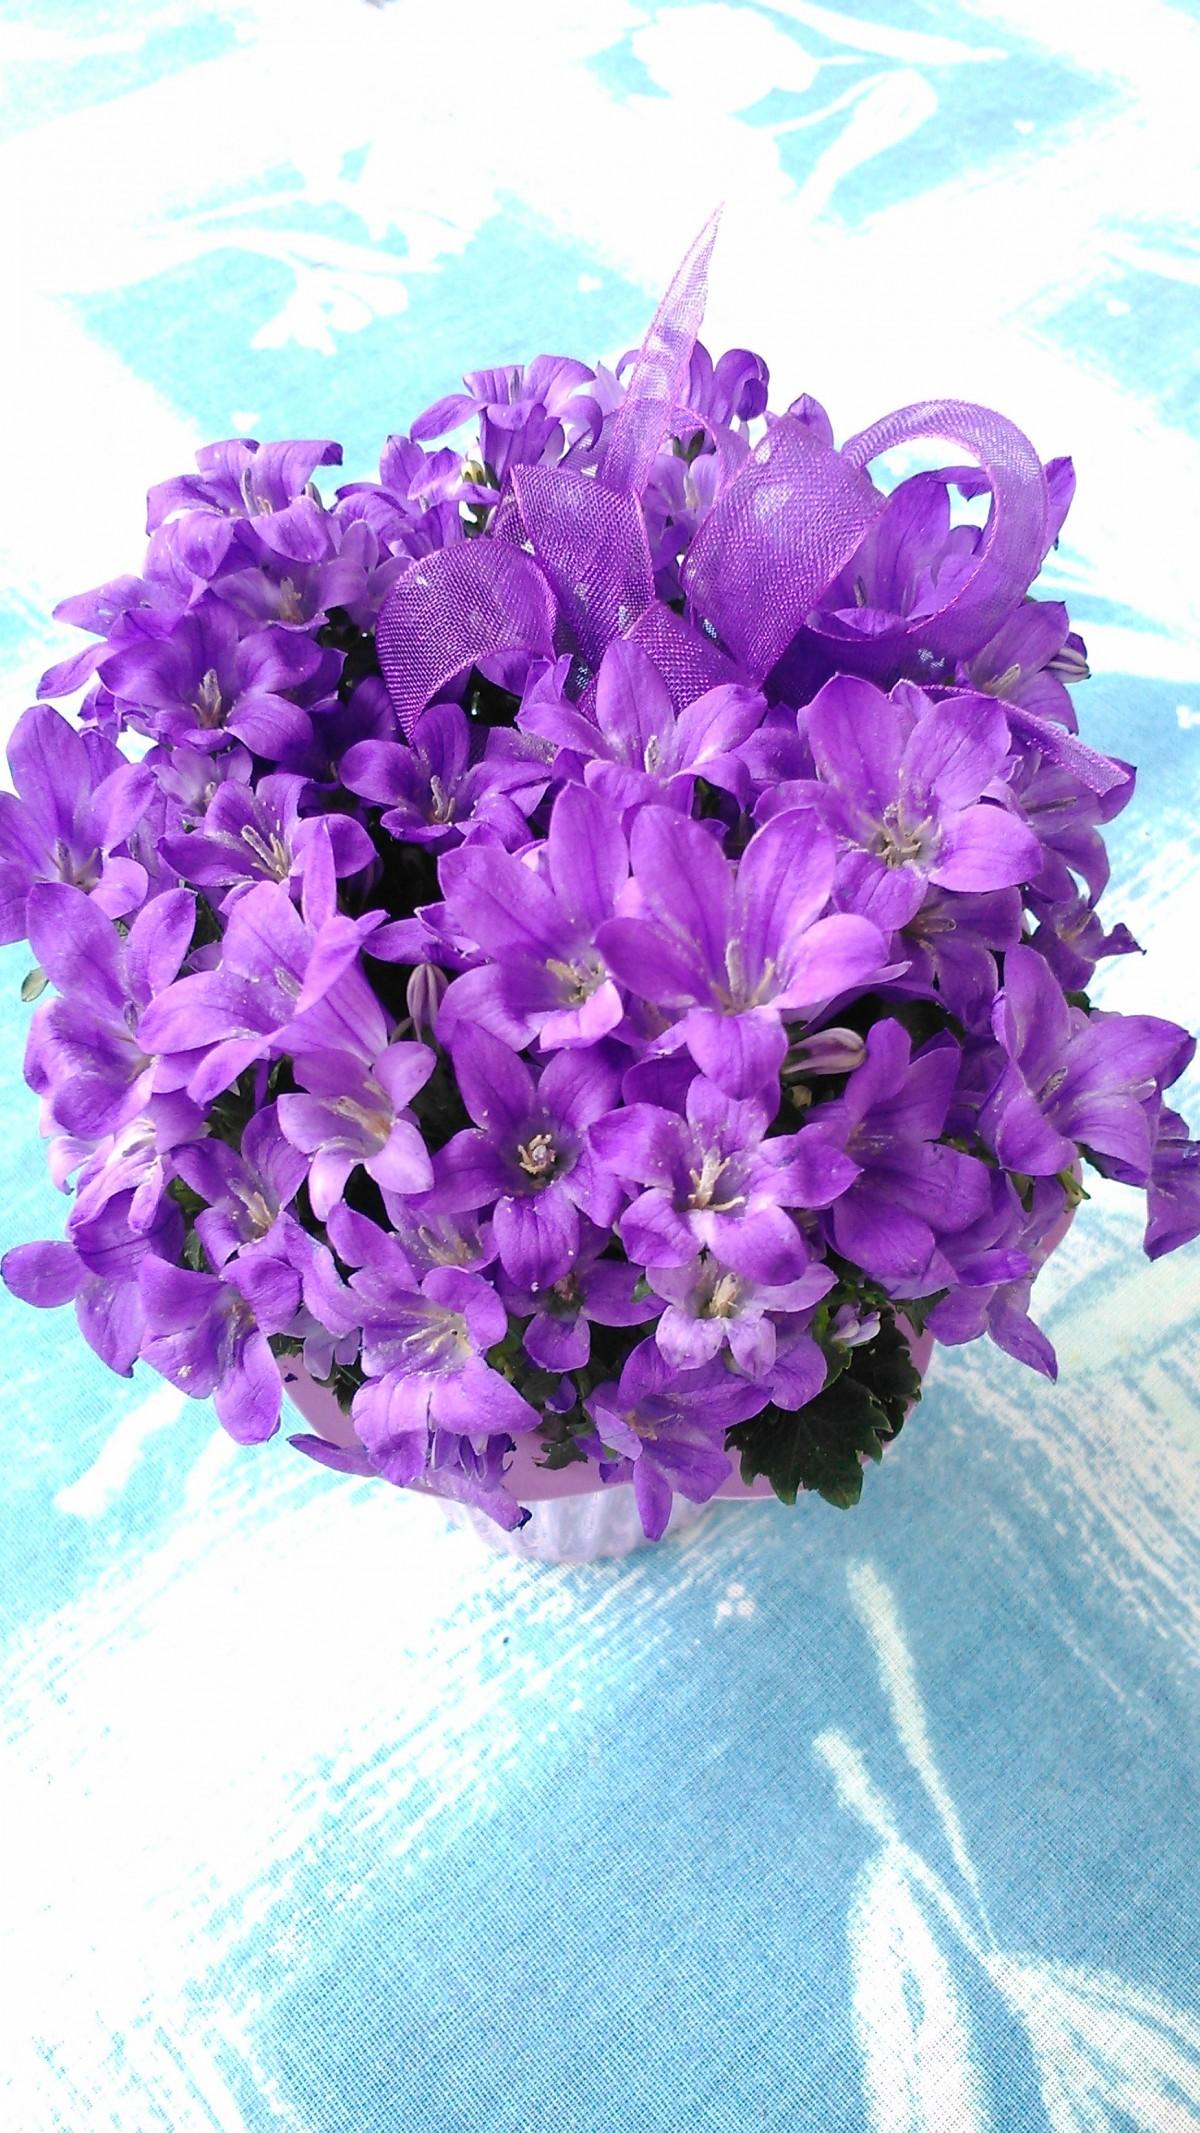 Banco de imagens plantar luz solar flor p tala flora - Cortar hierba alta ...